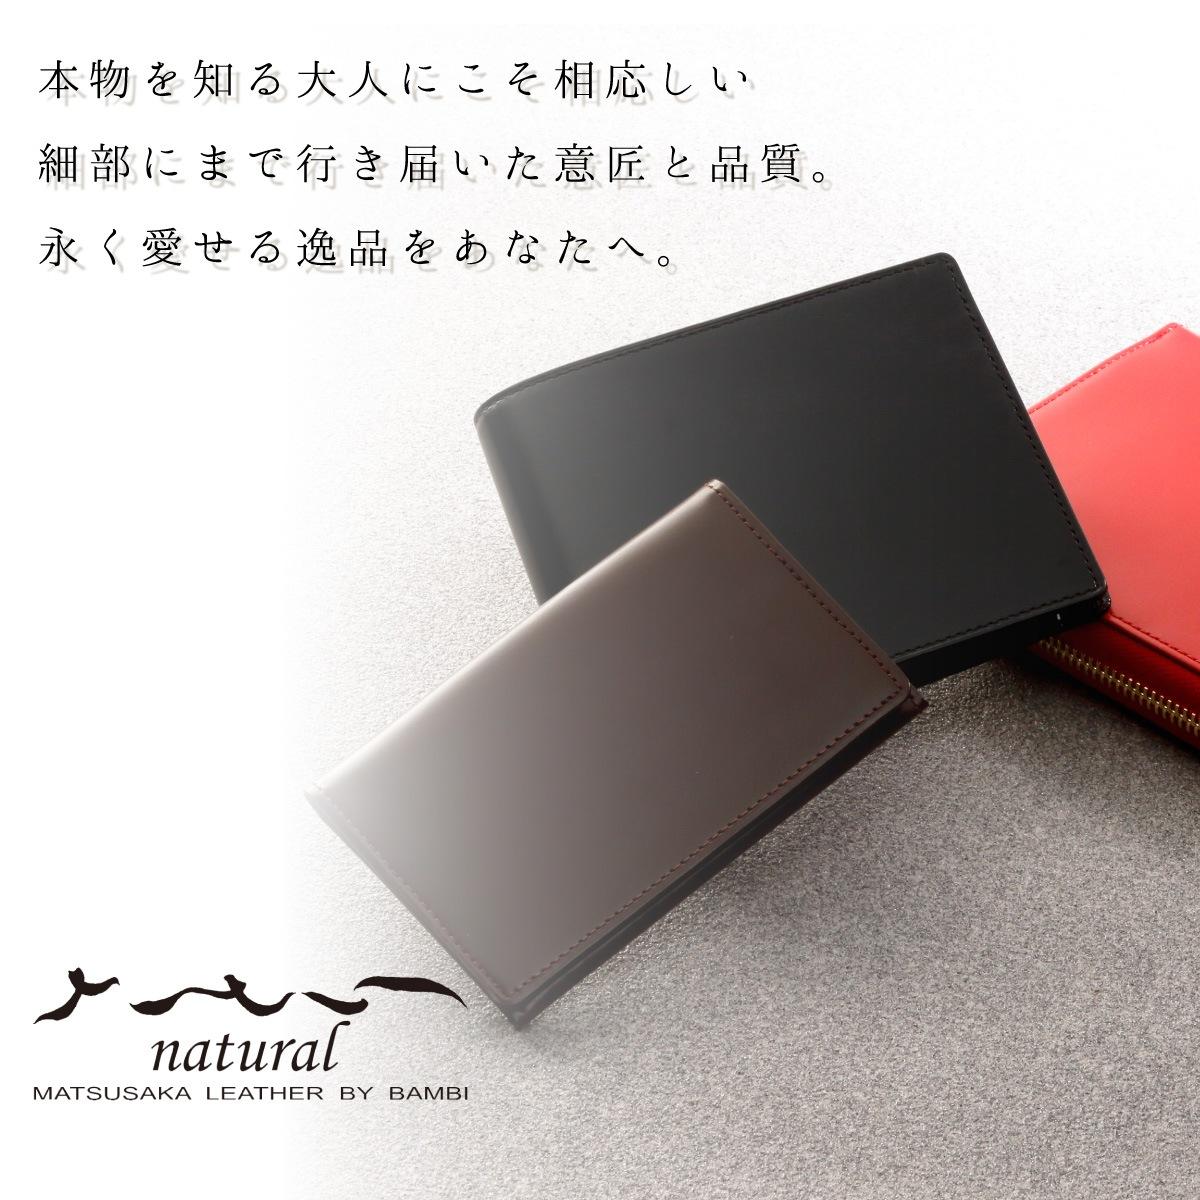 松阪レザーのプレミアム財布 さとりナチュラル 長財布 【カラー:硯】